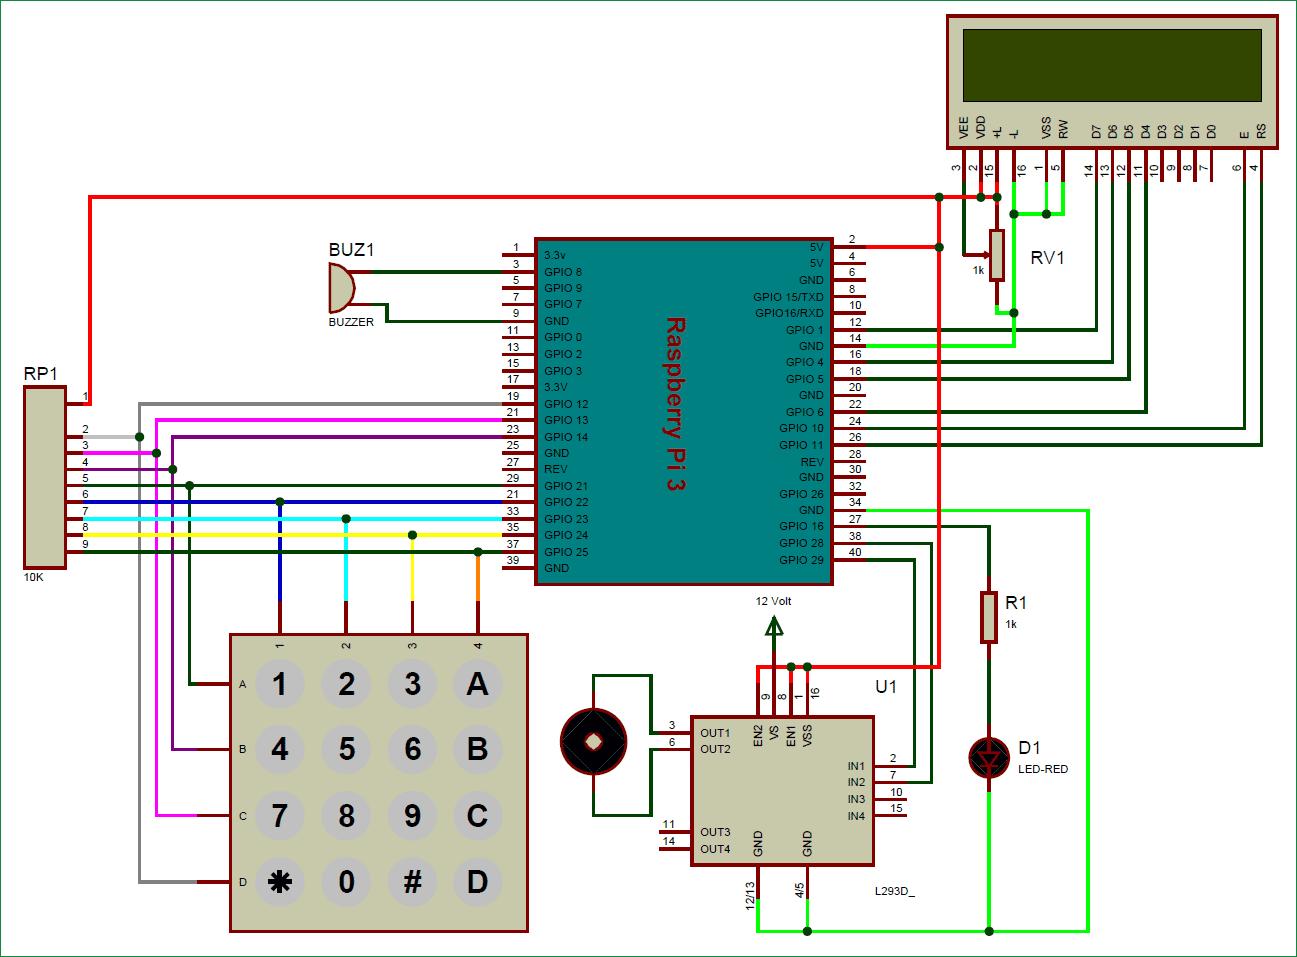 Схема цифрового кодового замка на Raspberry Pi